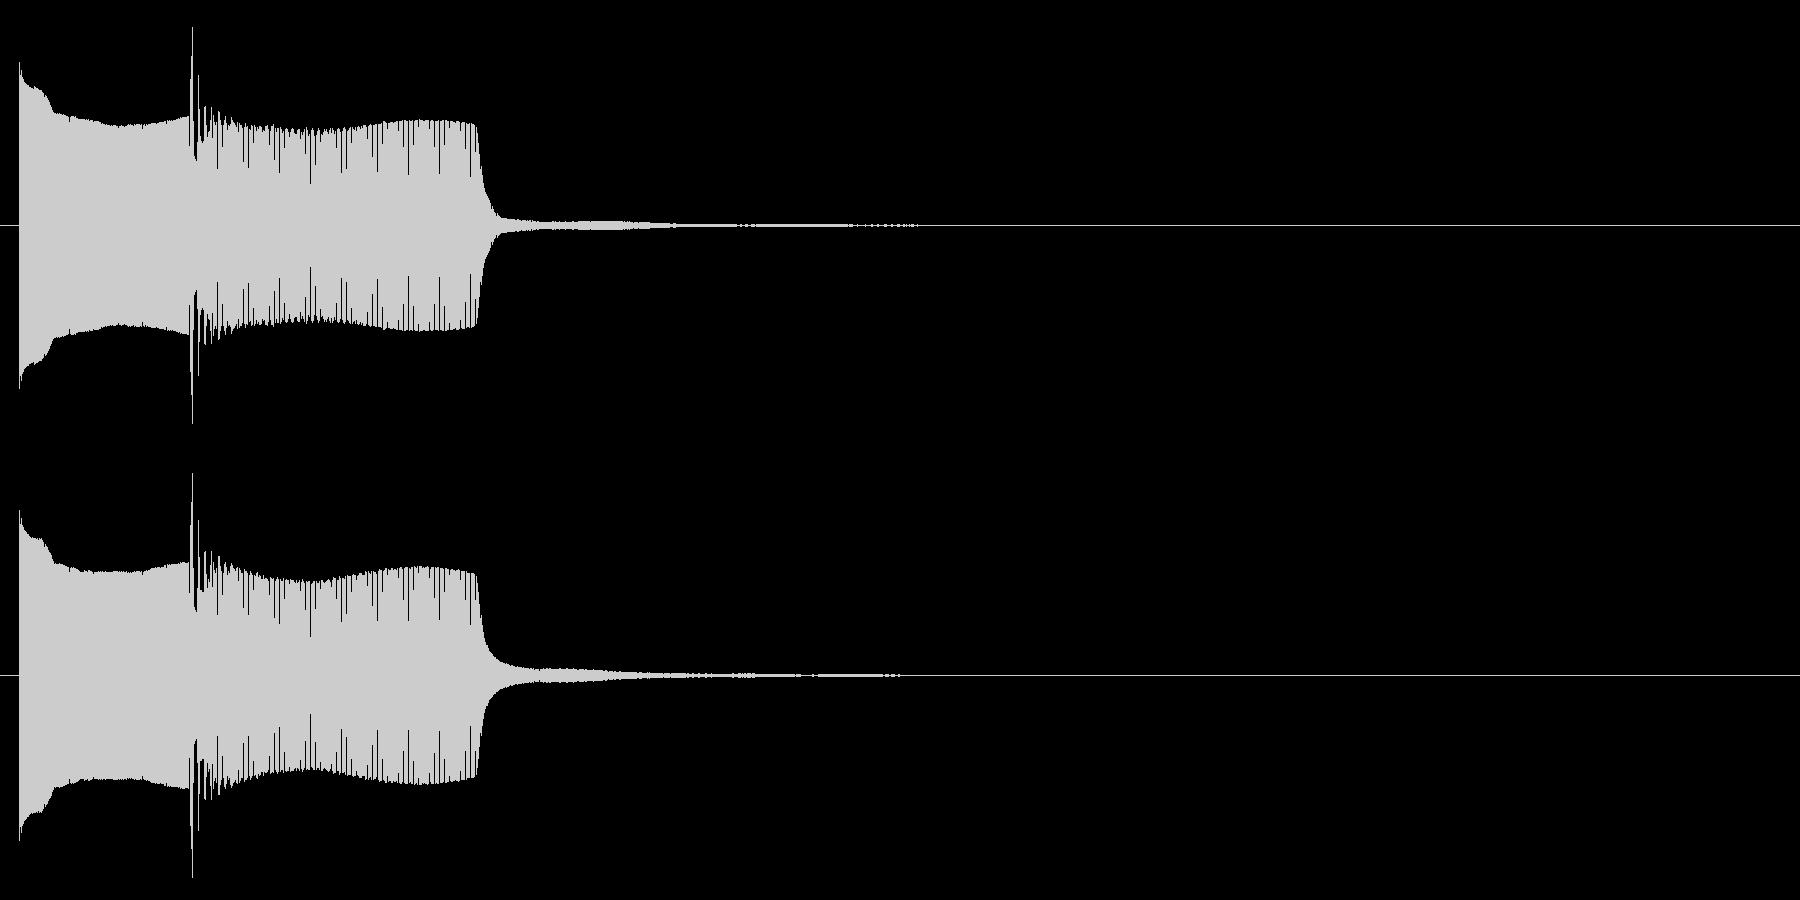 電子音系 キャンセル音3(小)の未再生の波形